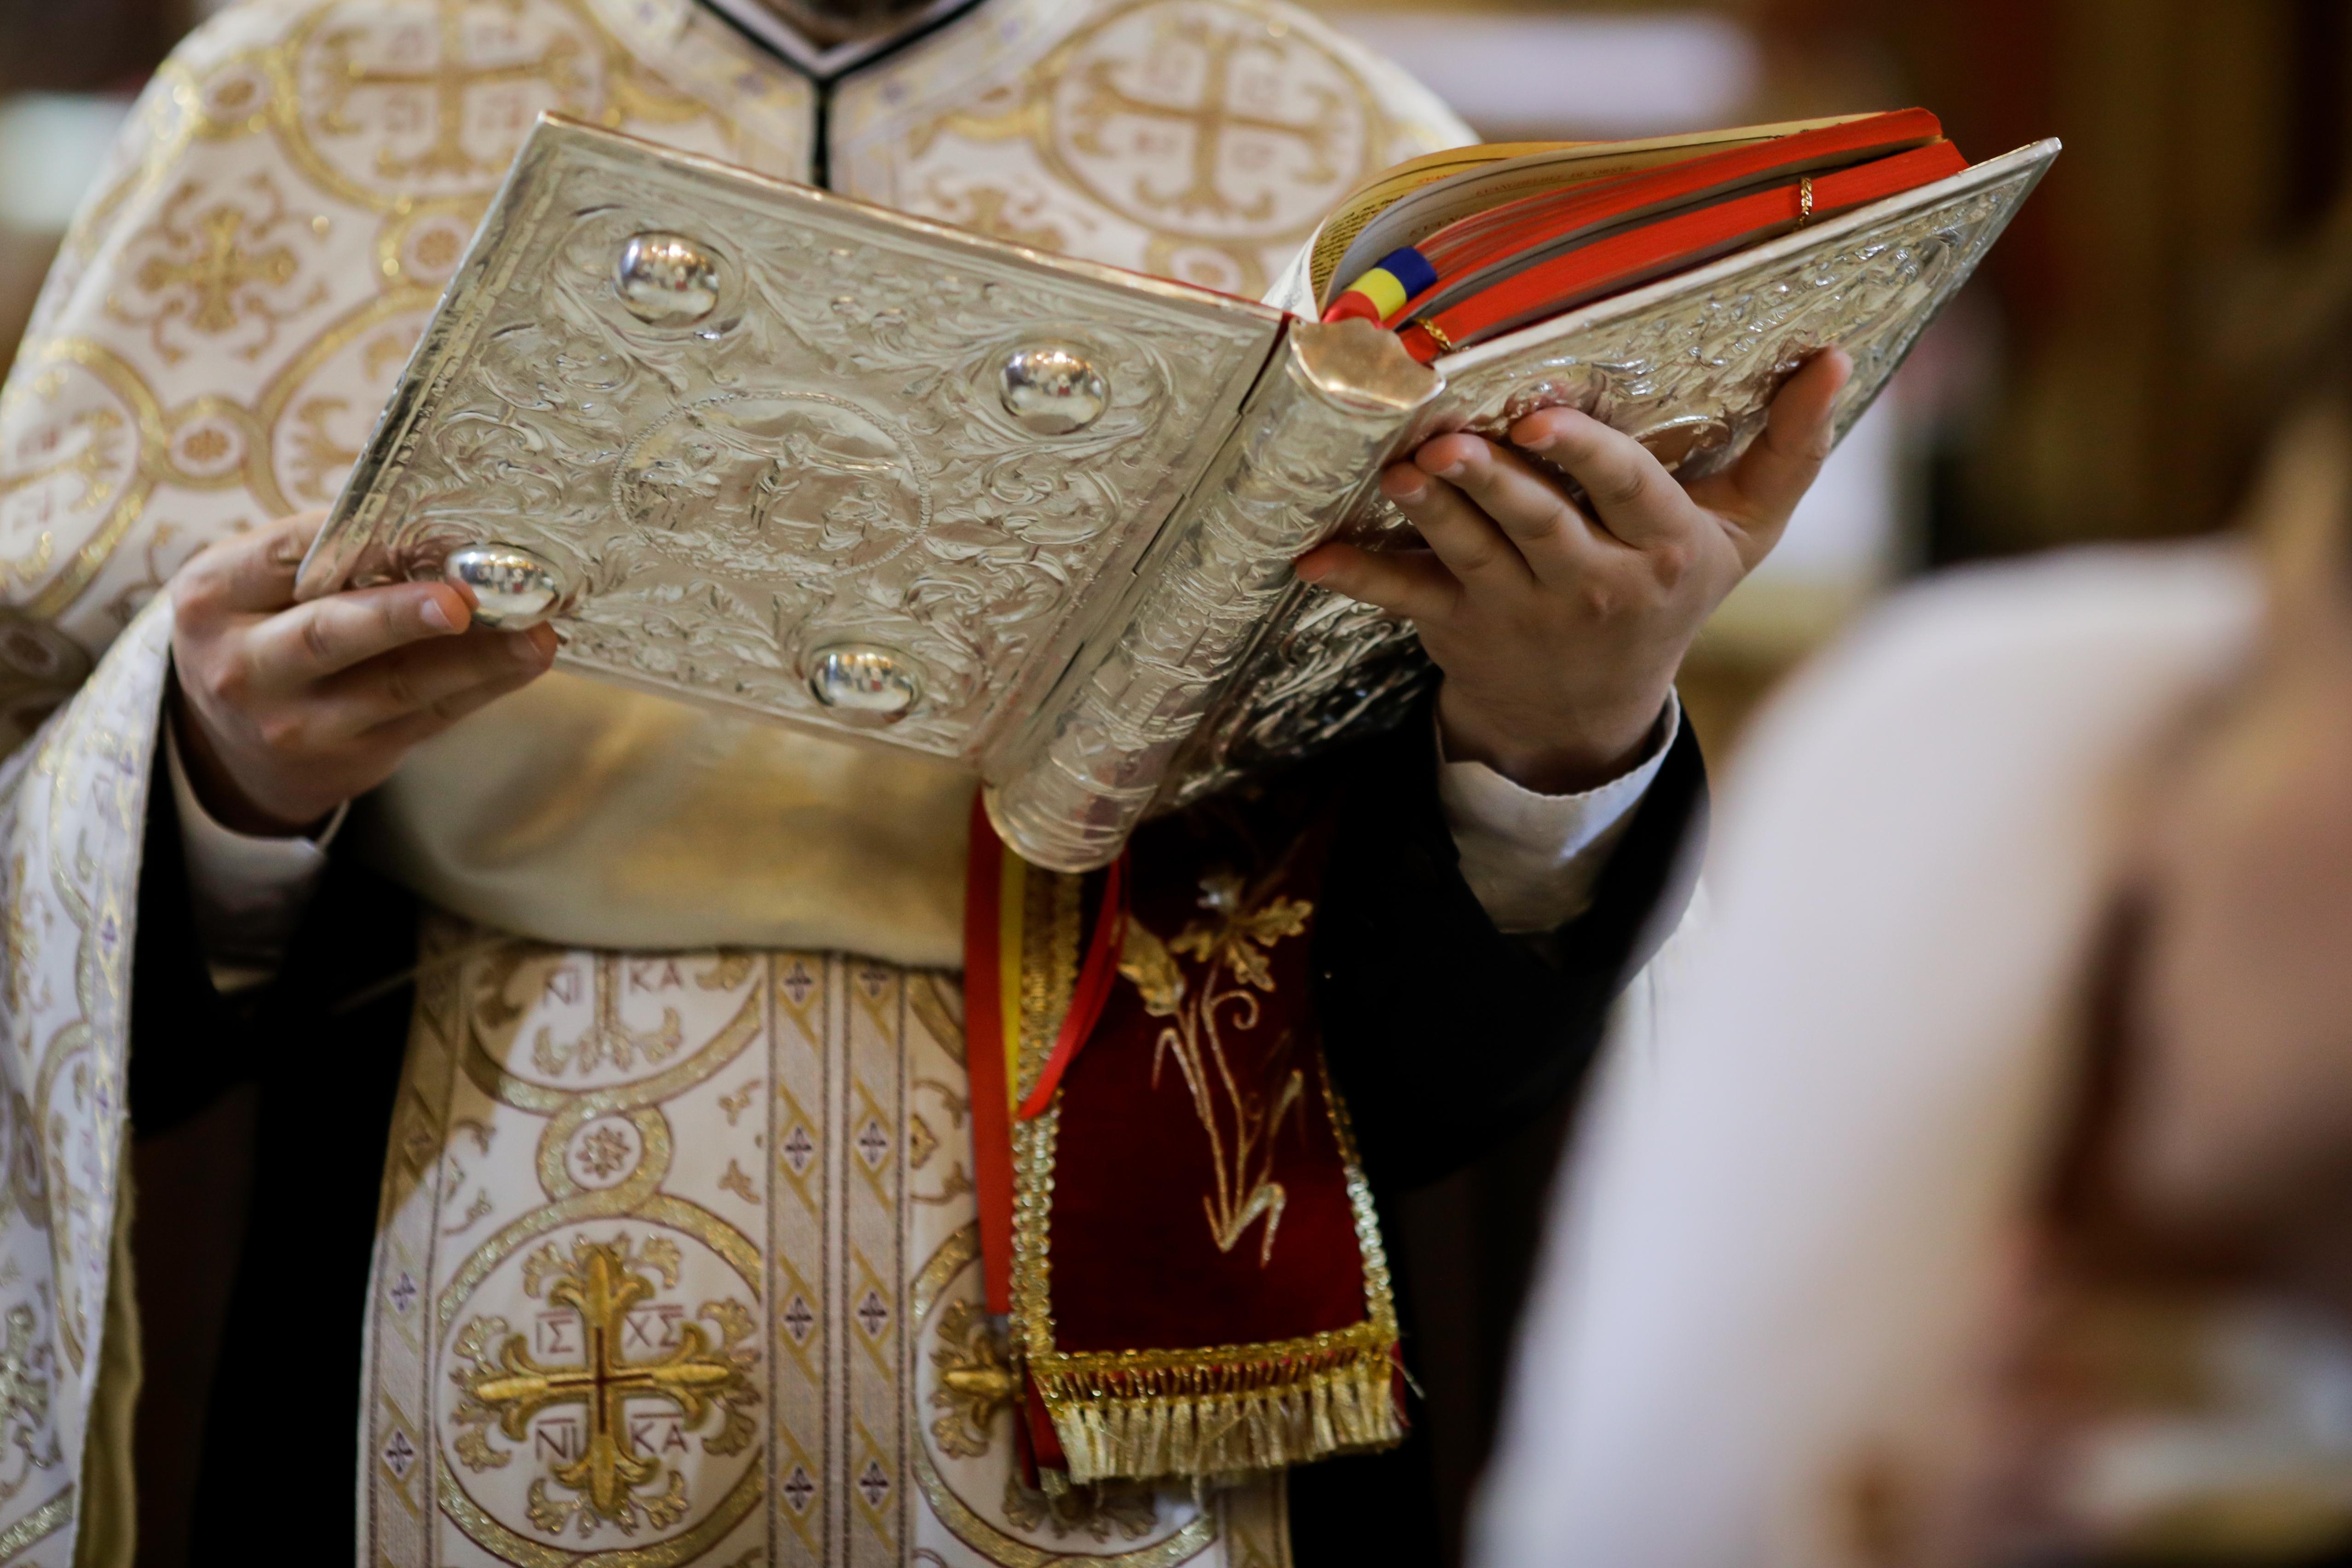 VIDEO. Un preot din Călărași a fost înregistrat când îi face avansuri unei fete de 14 ani, la spovedanie